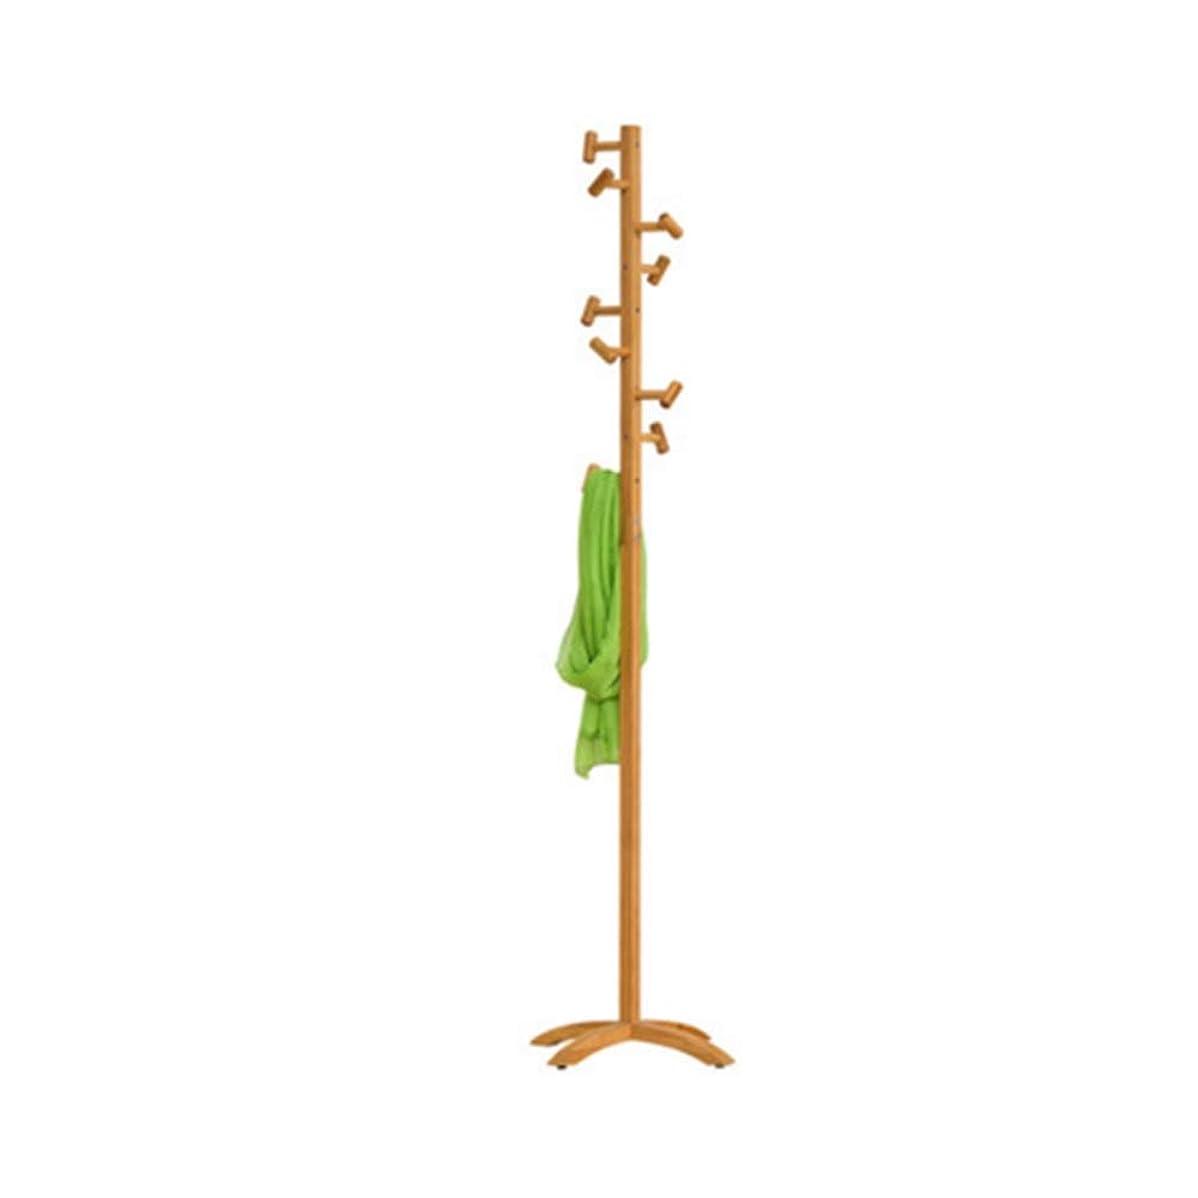 新聞地区方向コートラック 175センチ木製コートラックスタンド9フック服スタンドツリースタイリッシュな木製ハットコートスタンドラック服ジャケット収納ハンガーオーガナイザー (色 : Primary color, サイズ : Hammer)